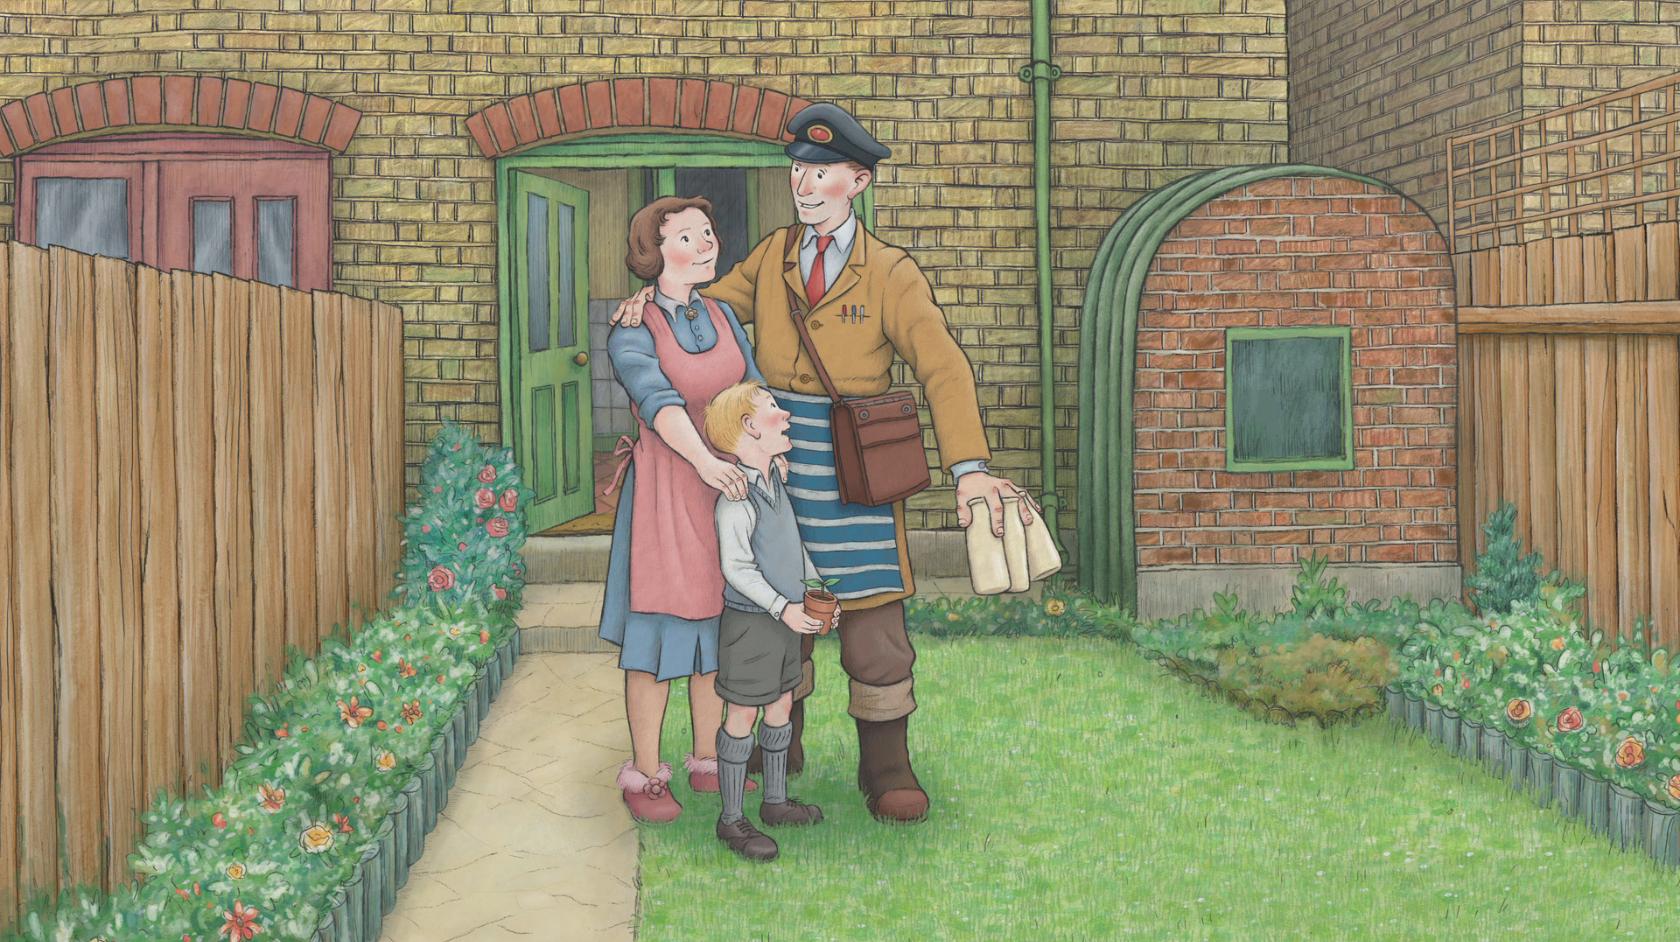 Ethel & Ernest - Film Image